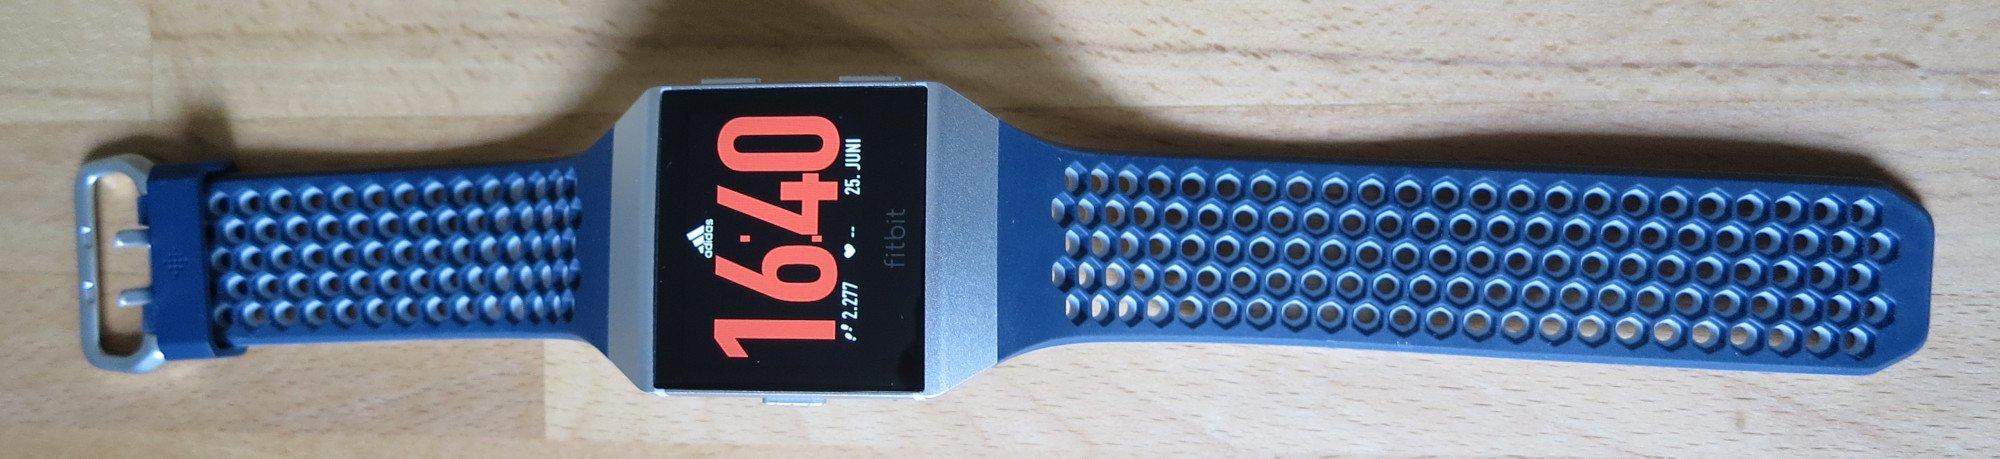 Das Sportarmband der Fitbit Ionic adidas Edition ist wesentlich flexibler (Bild: Peter Giesecke)